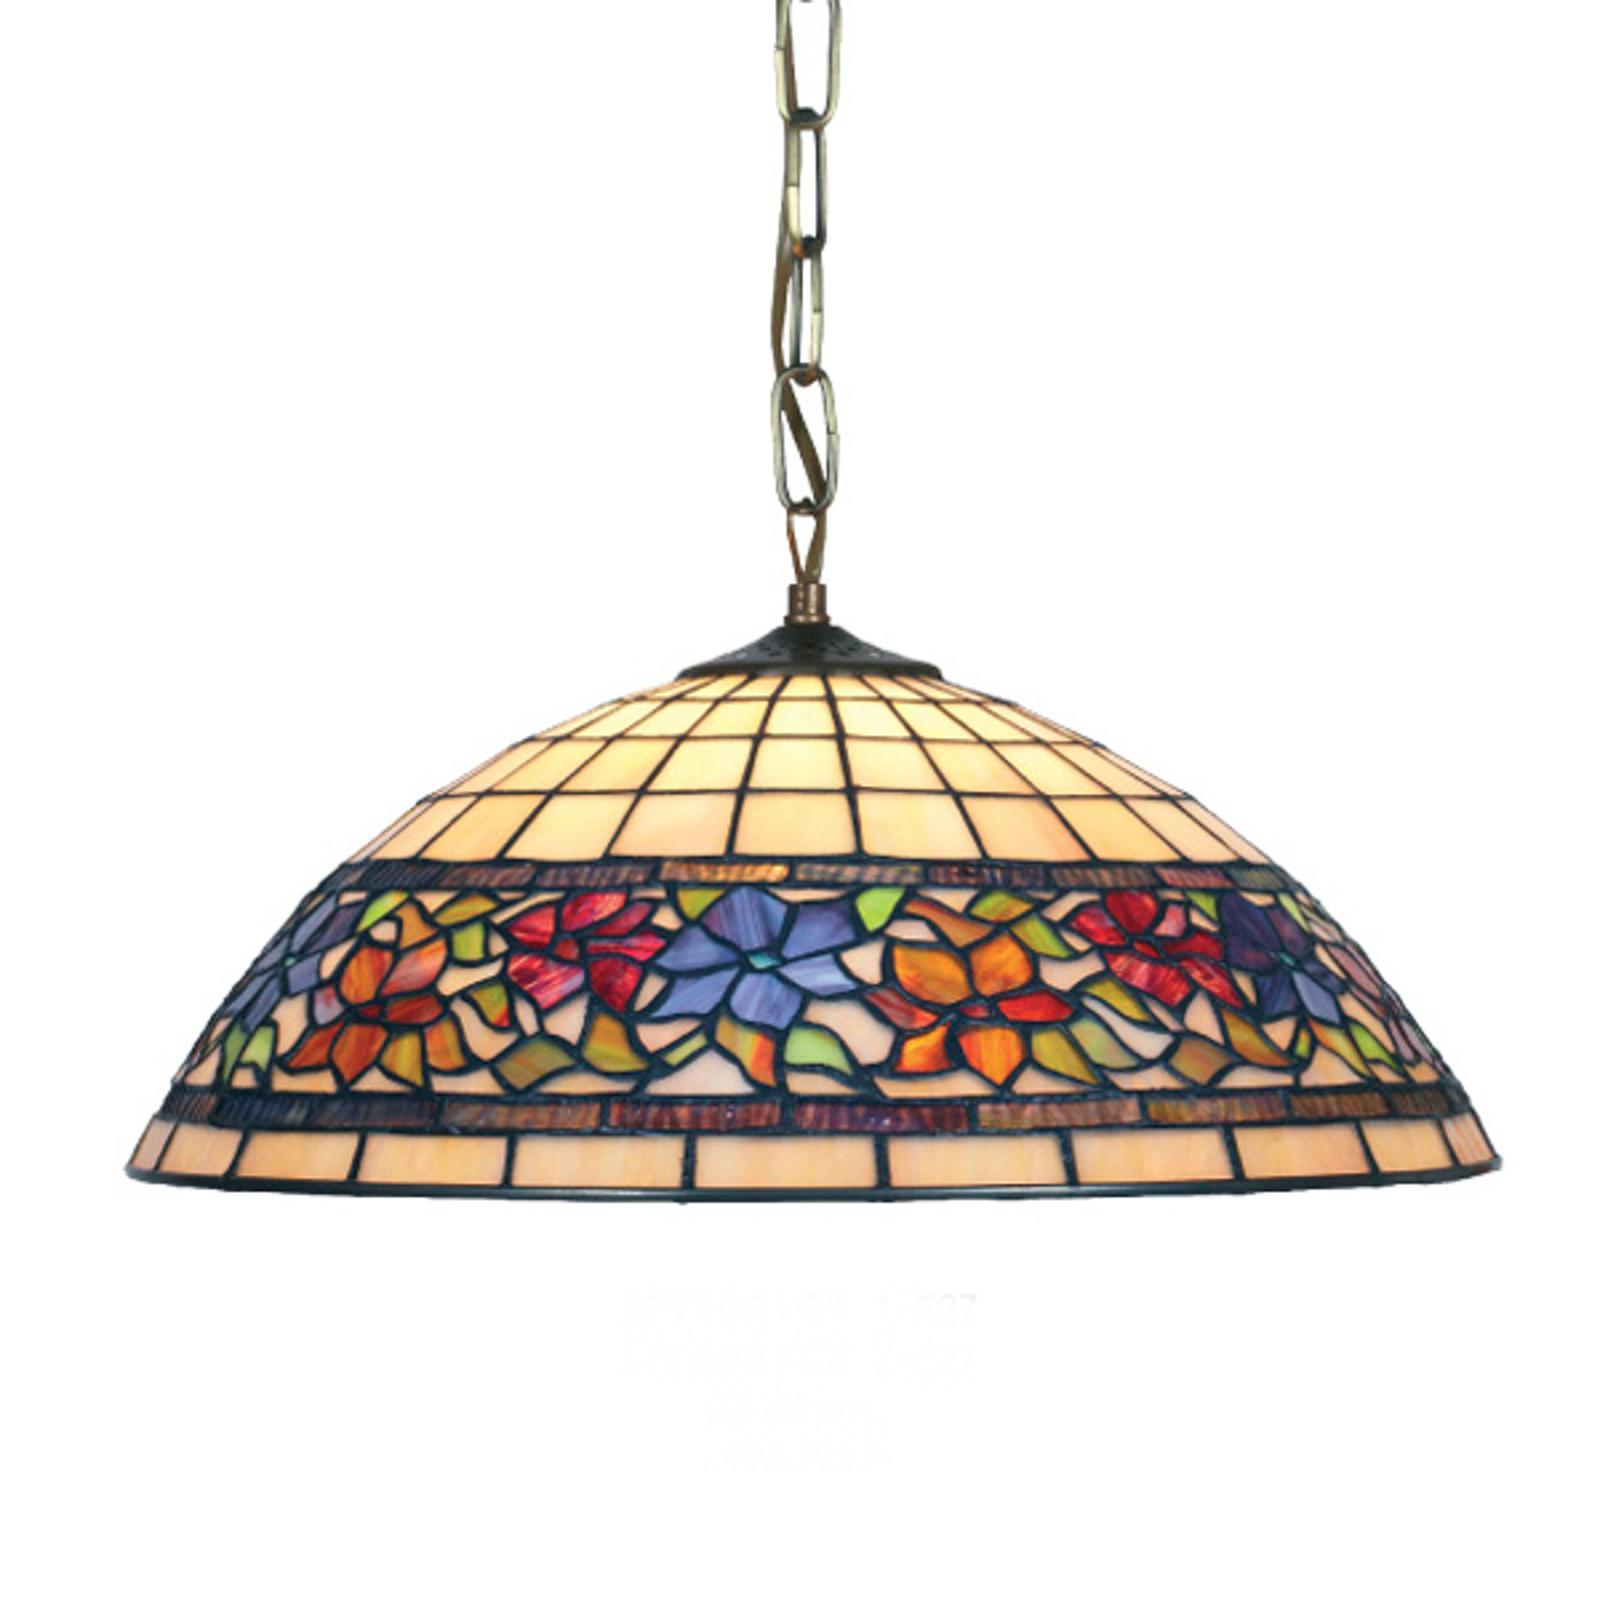 Flora hængelampe i Tiffany-stil, åben nede 1xE27